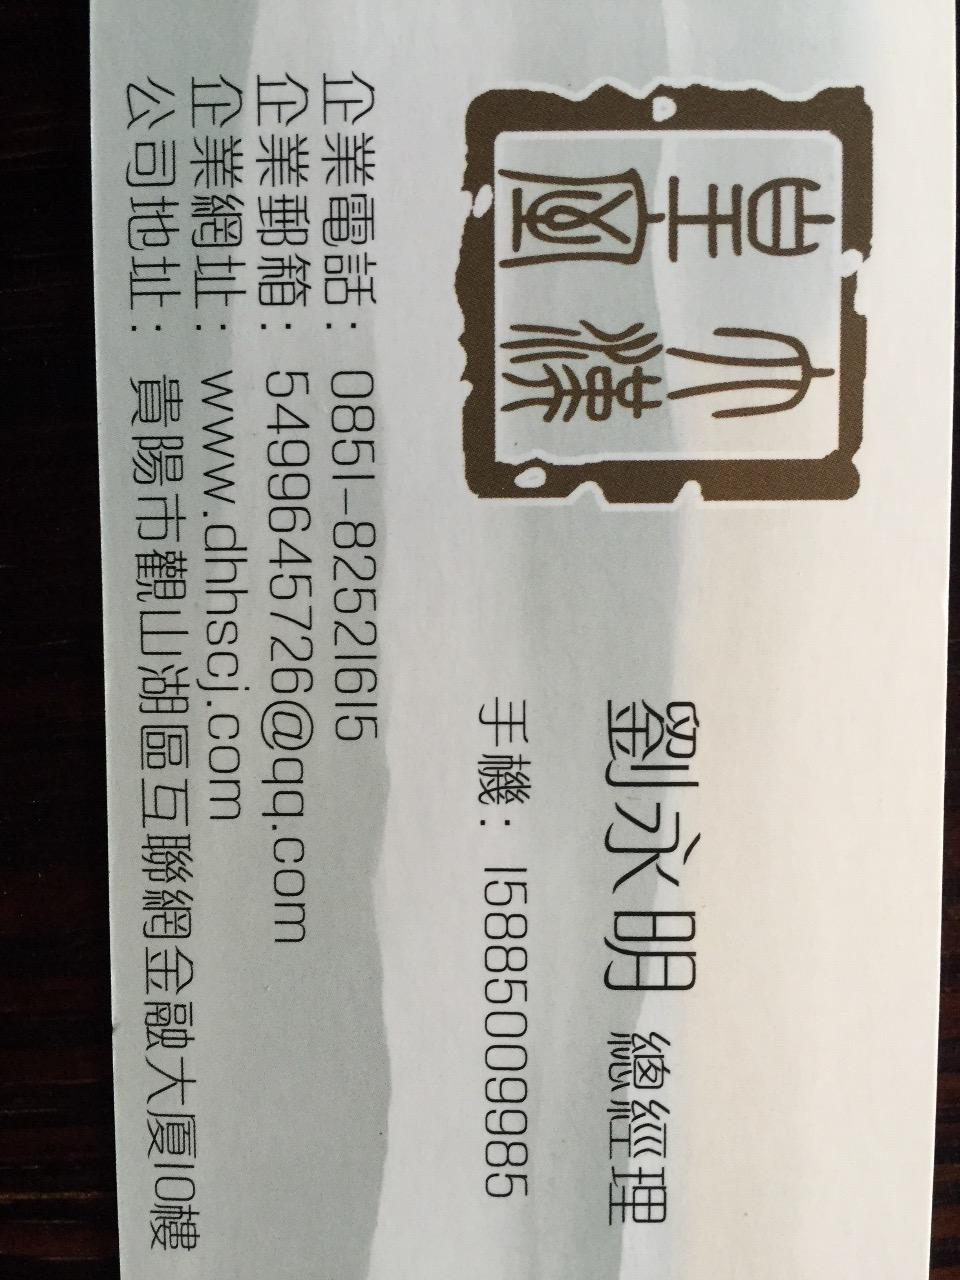 贵州大汉皇室茶酒科技有限公司